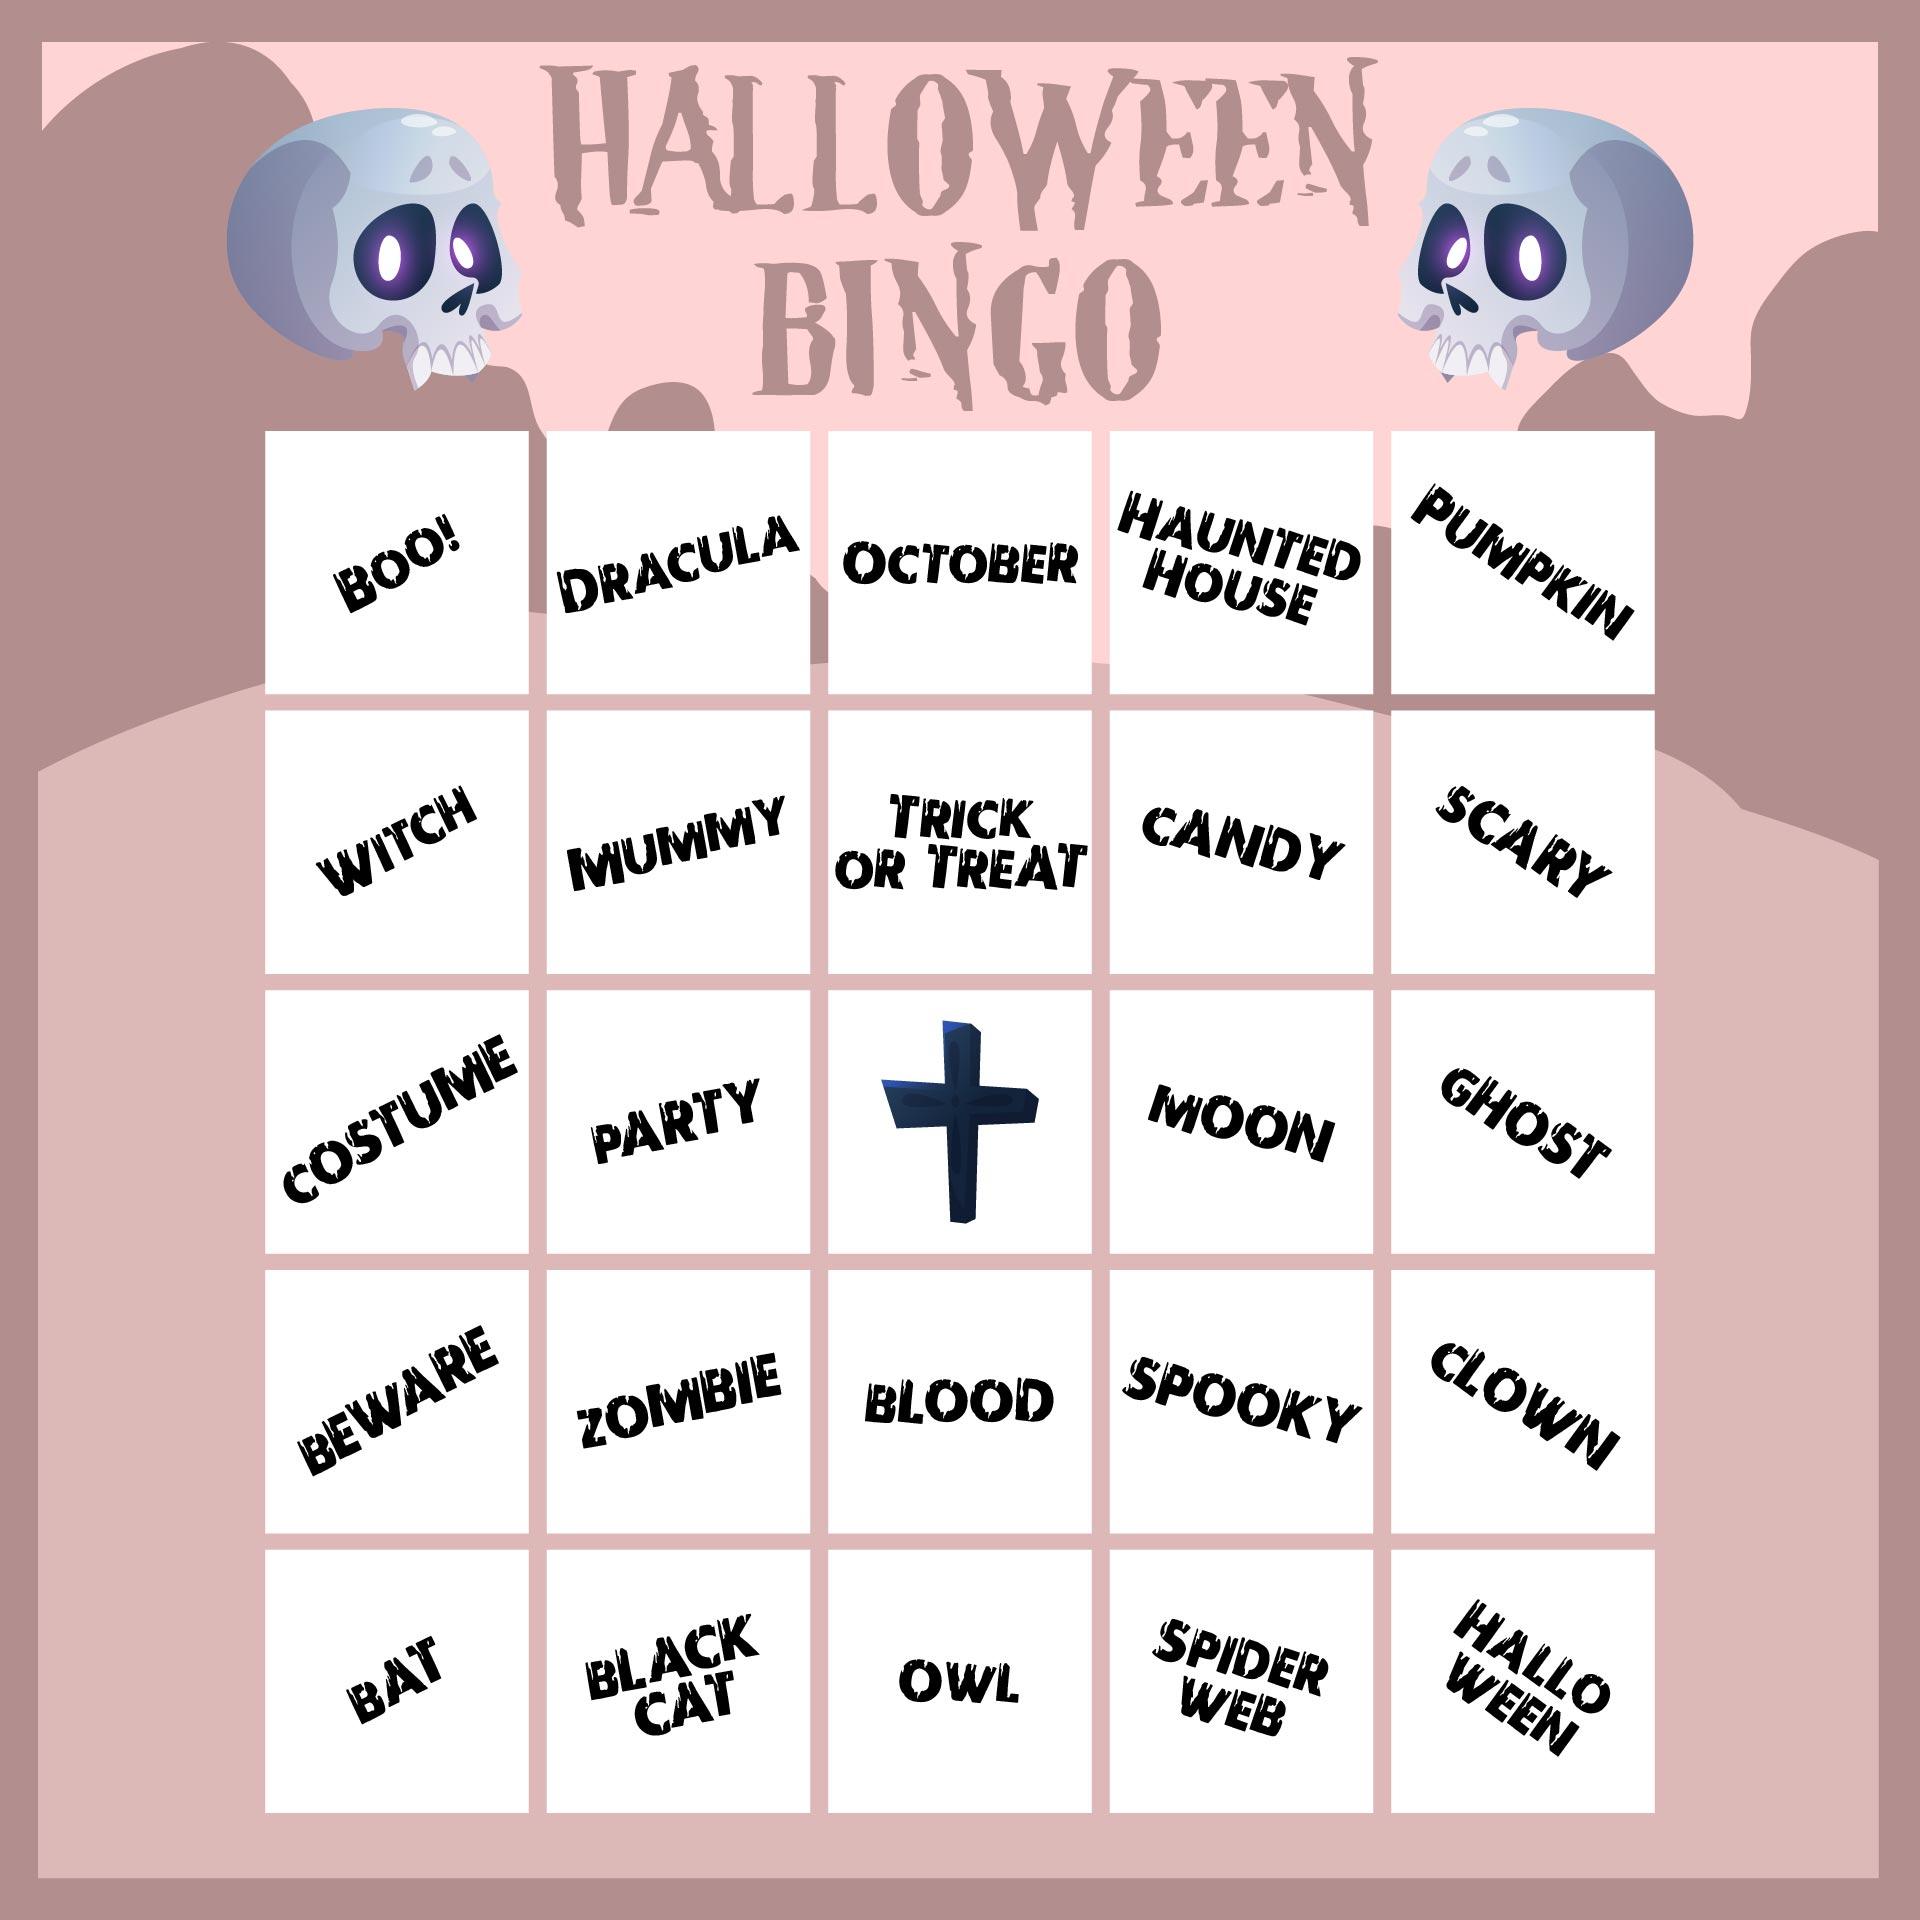 Printable Halloween Bingo Games